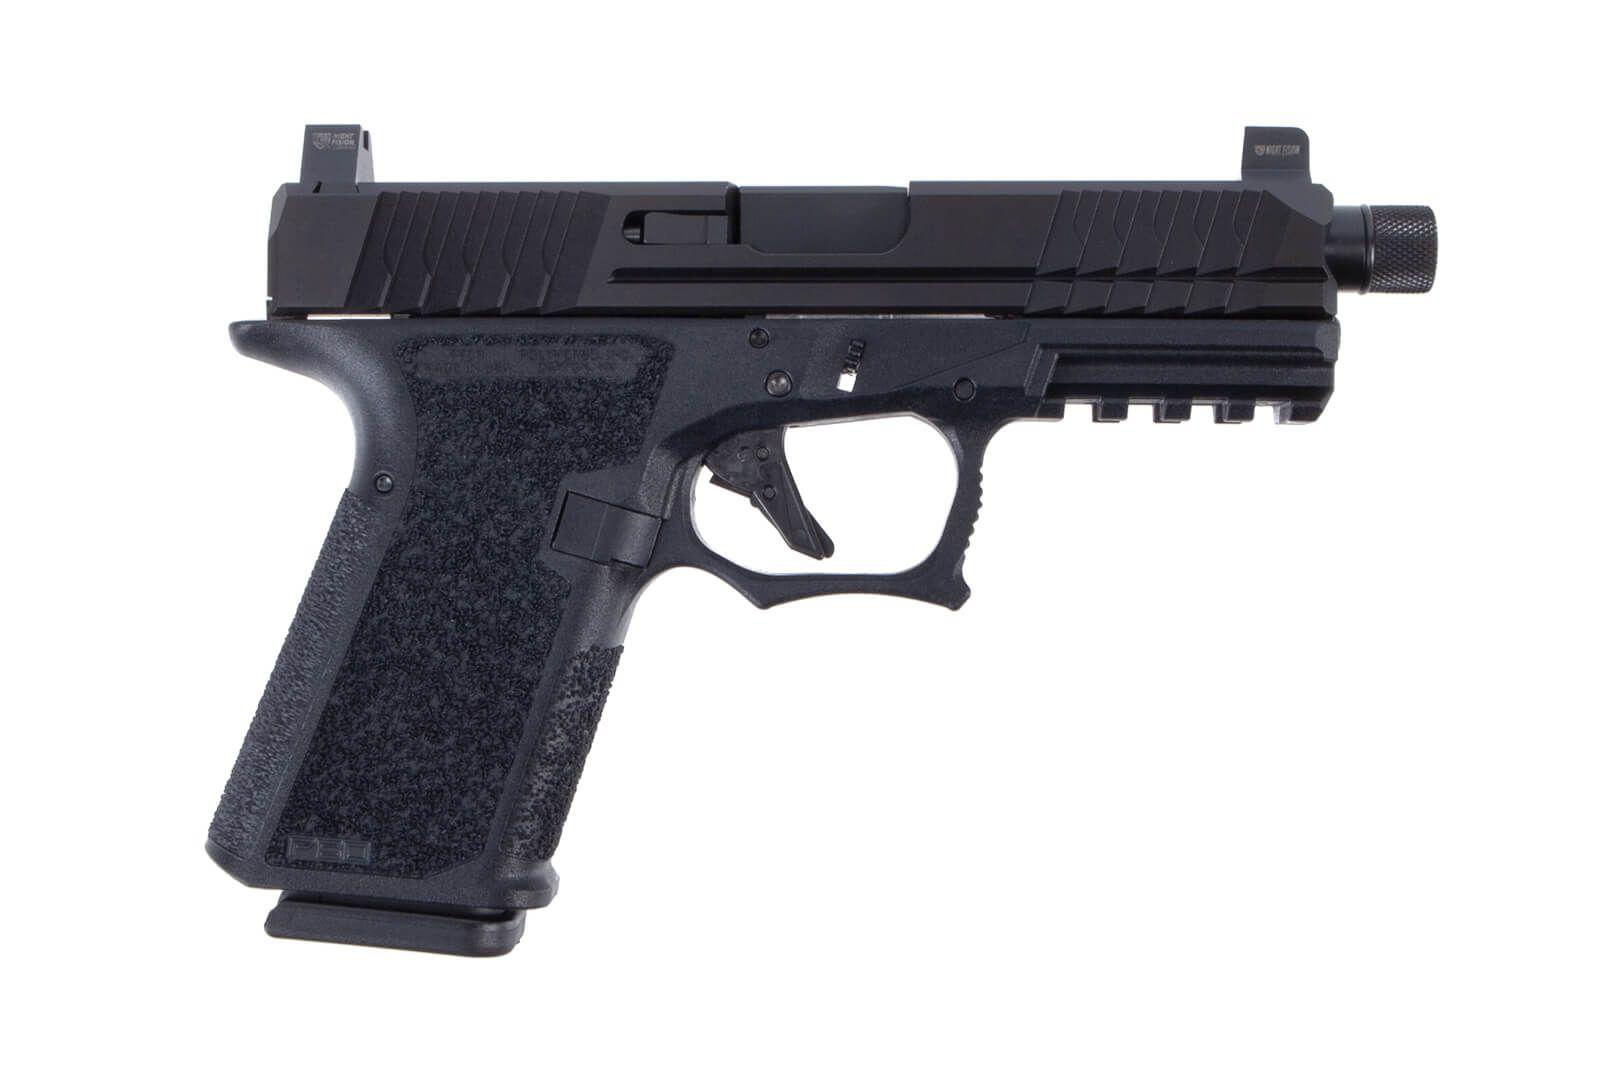 http://n3.datasn.io/data/api/v1/n3_lyz/guns_for_sale/main/image/3a/0f/6d/7b/3a0f6d7bcf3b41f293a2513e51558f6060429643.jpg